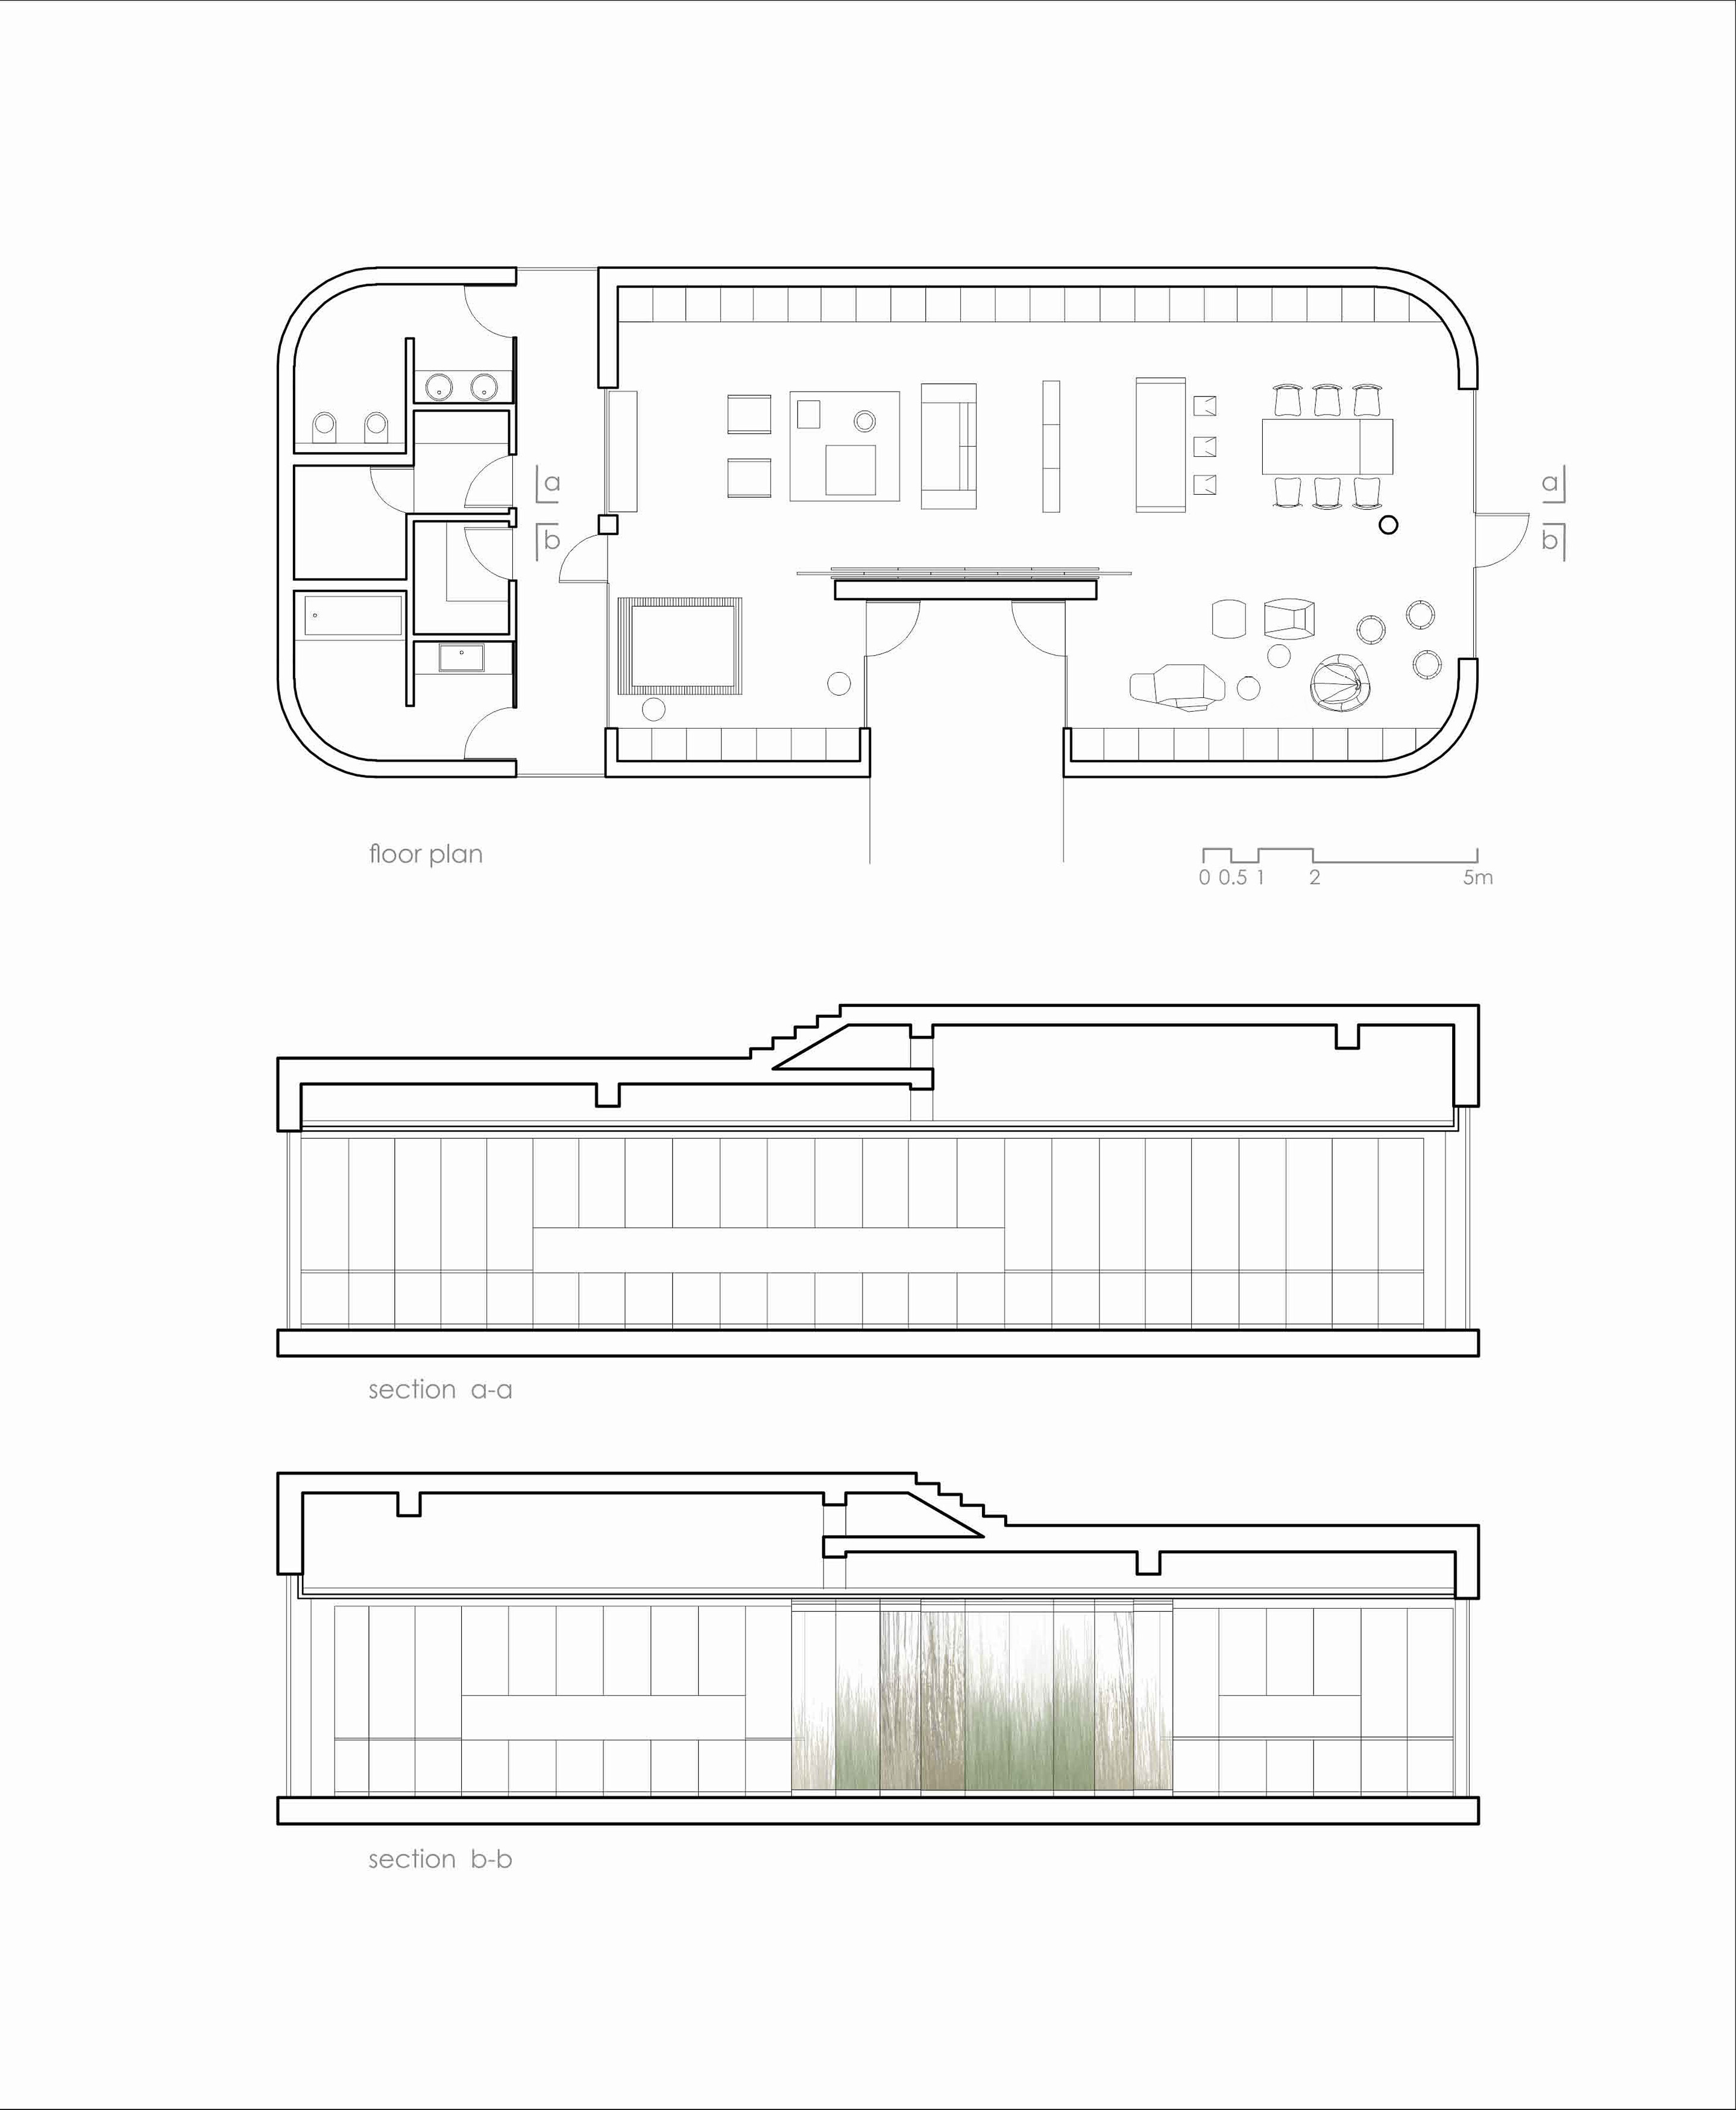 Idea 1163023: Apartment of the Future - R&D Laboratory by NArchitekTURA I NArchitecTURE in Dobrodzień, Poland